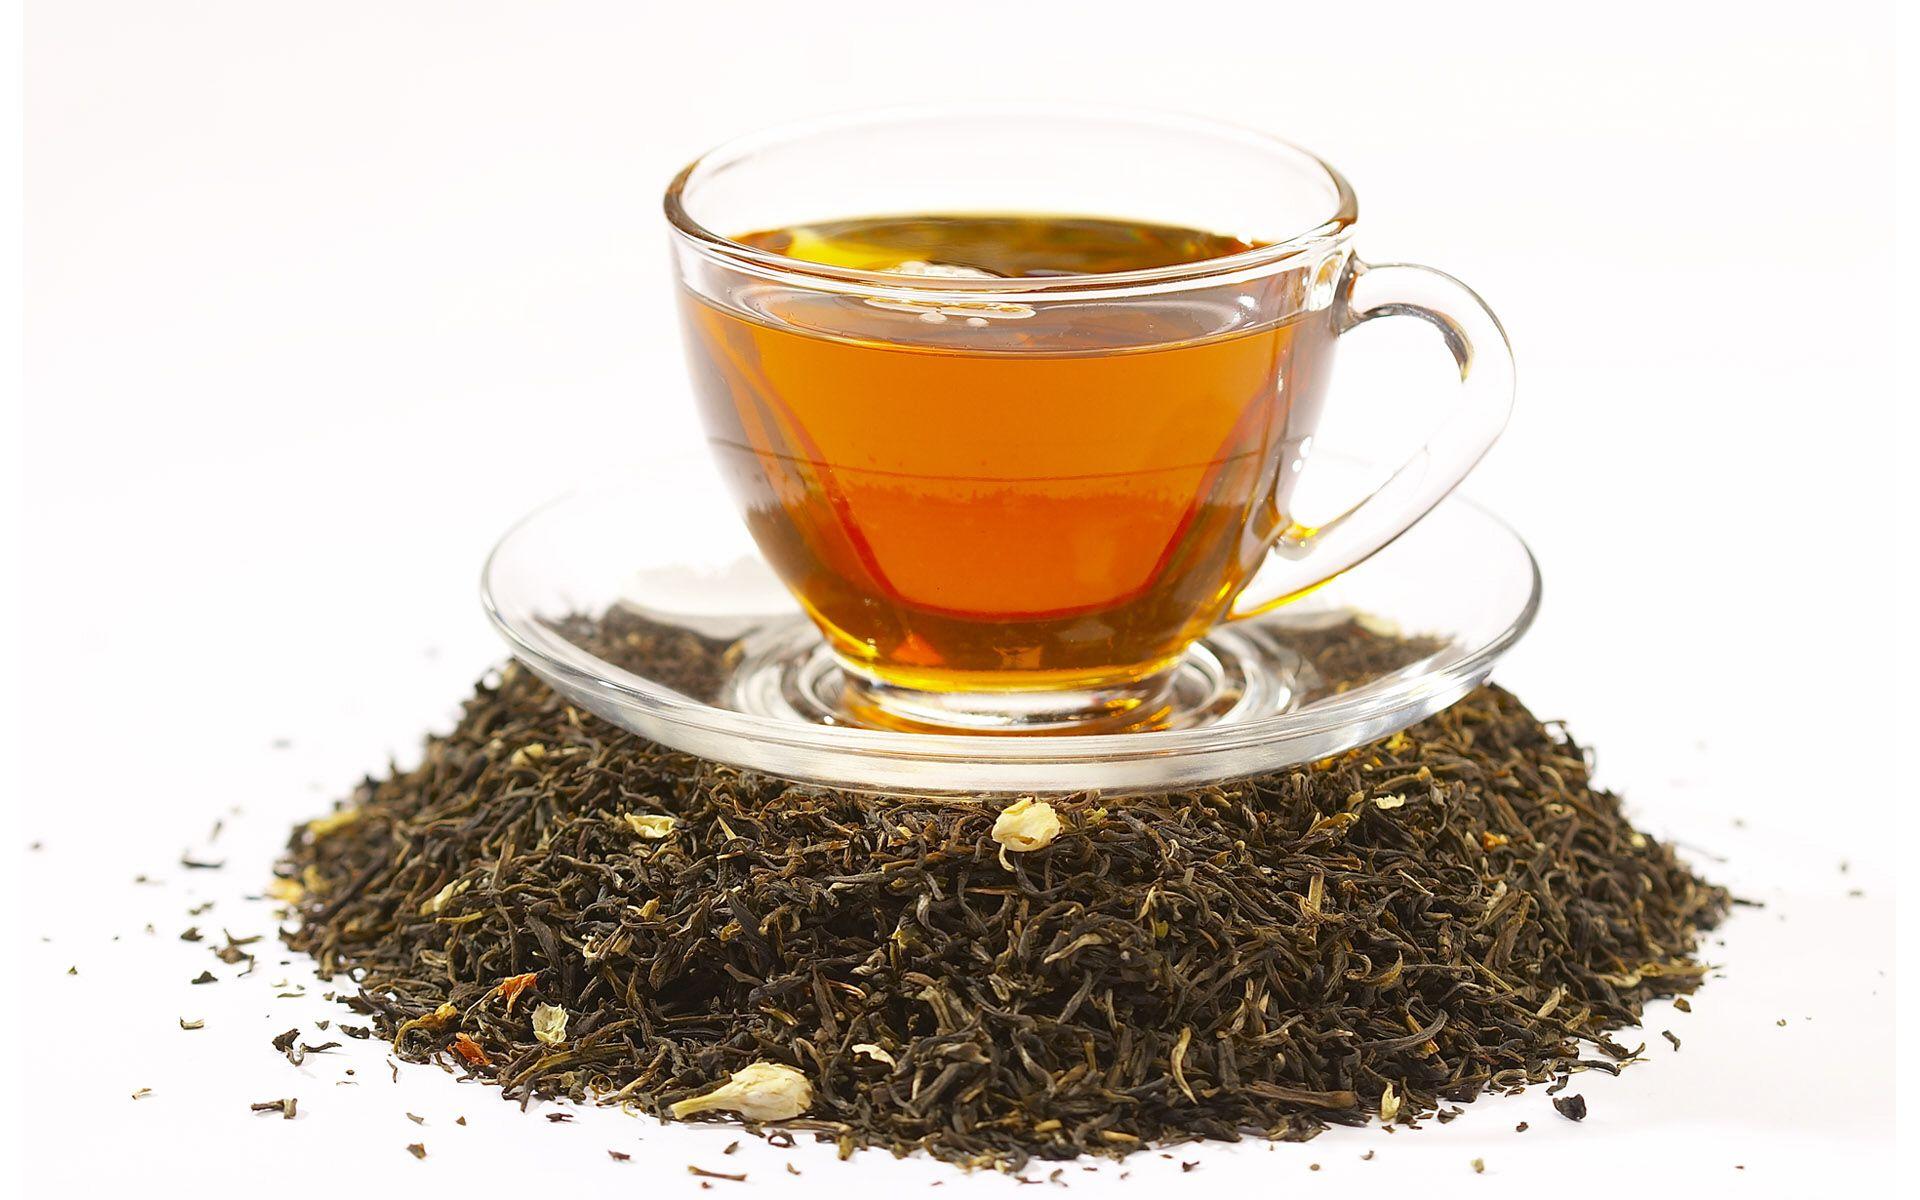 Объём продаж на чайных рынках района Лицан в городе Циндао составляет 70% от общегородского